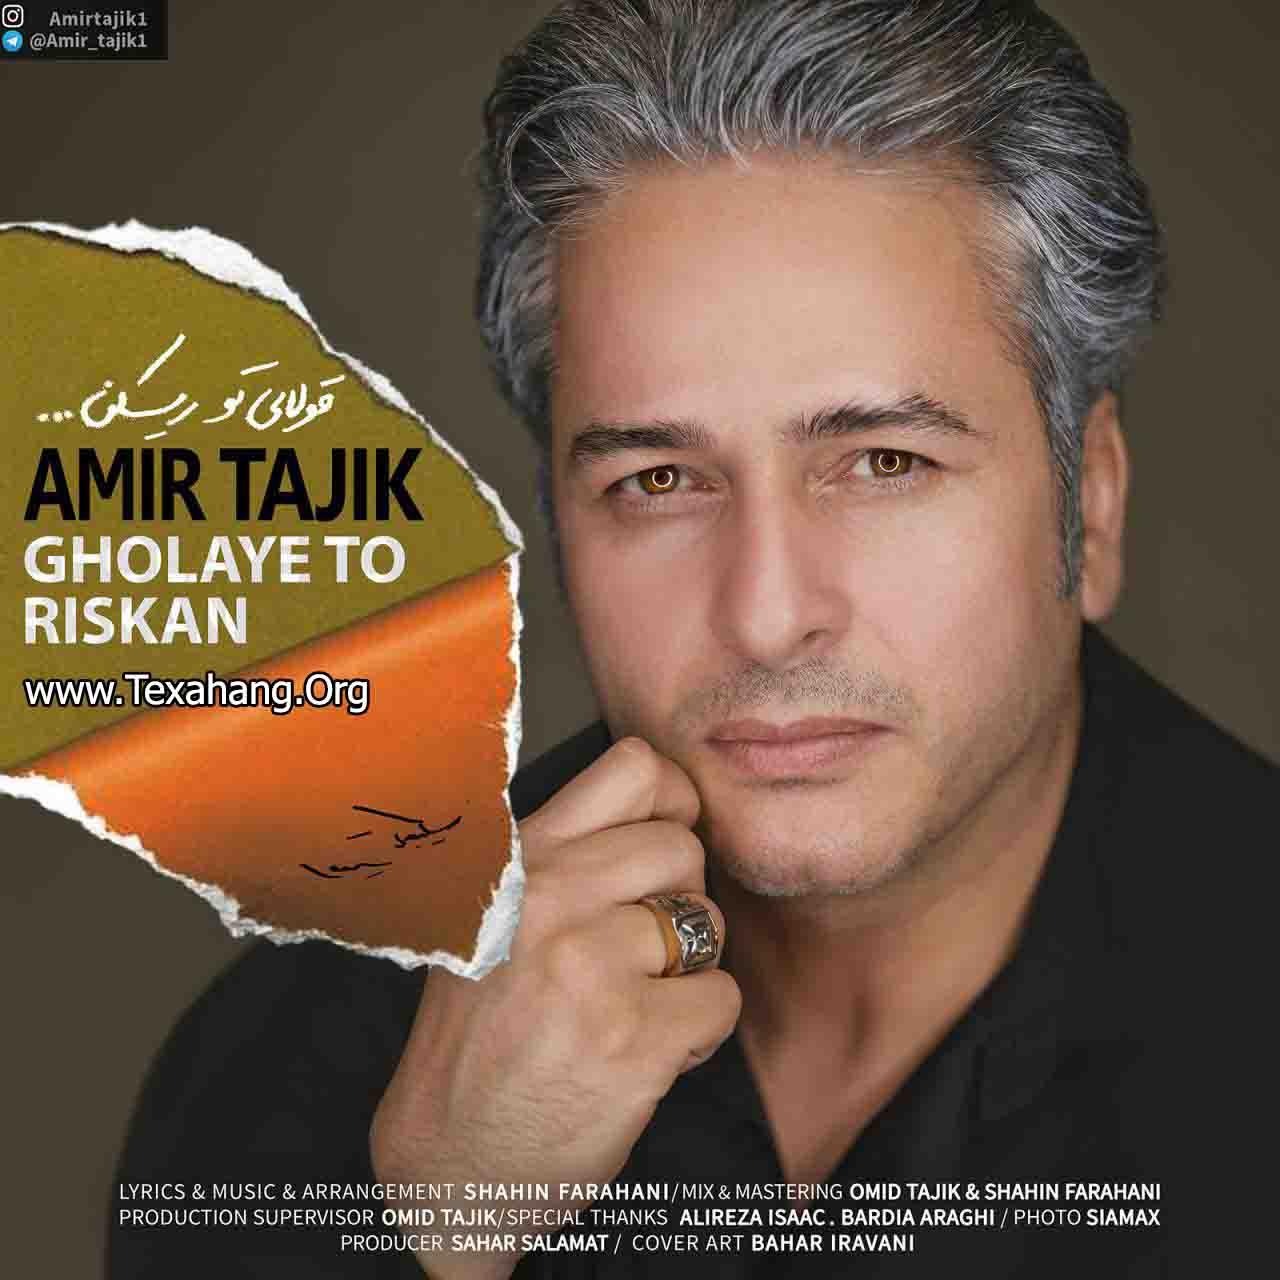 متن آهنگ قولای تو ریسکن امیر تاجیک